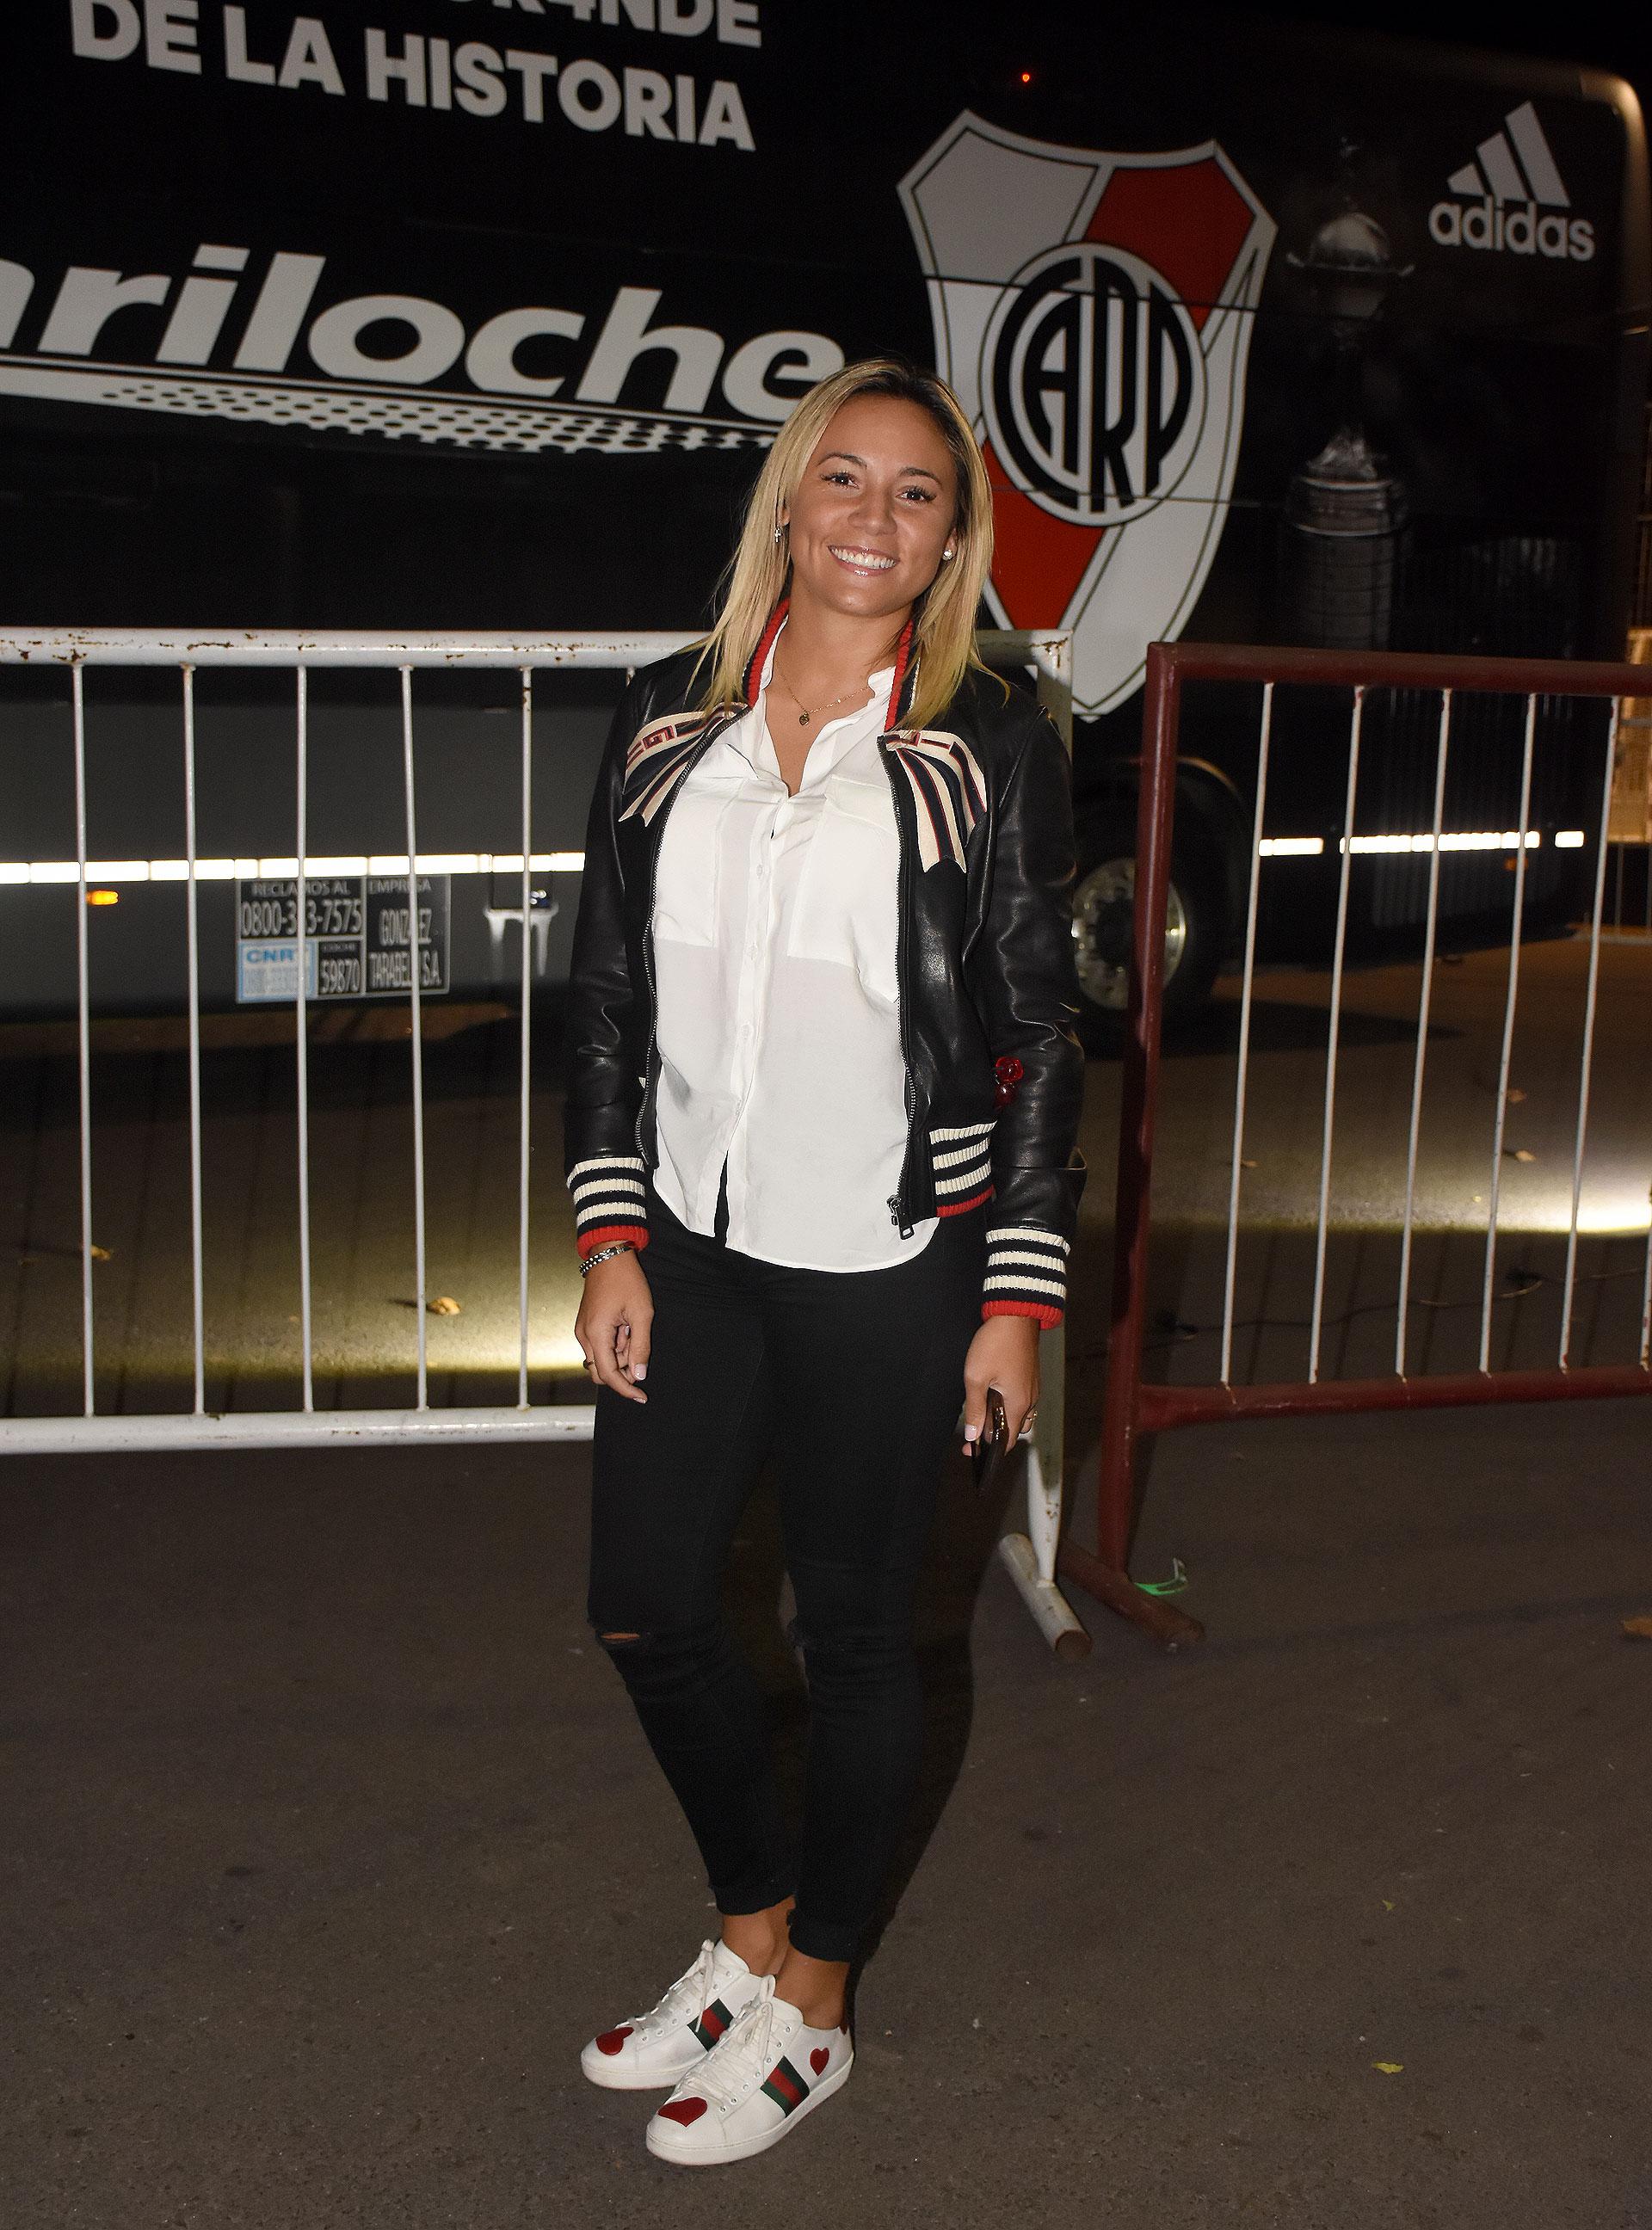 Rocío Oliva, ex pareja de Diego Maradona, también se acercó a vibrar con su pasión: River Plate